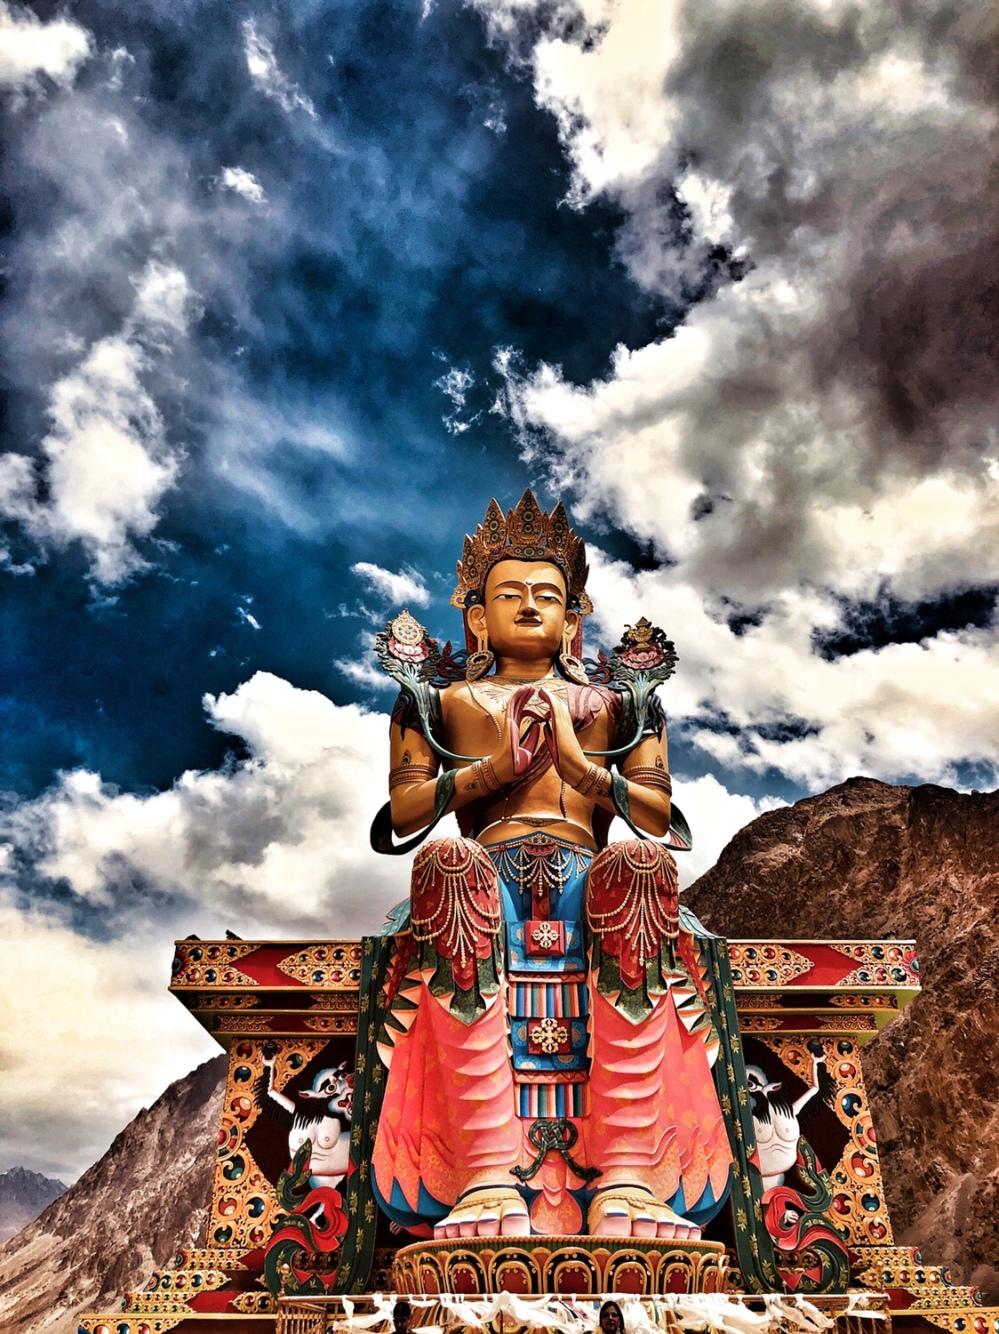 Lord Buddha of Diskit Monastery